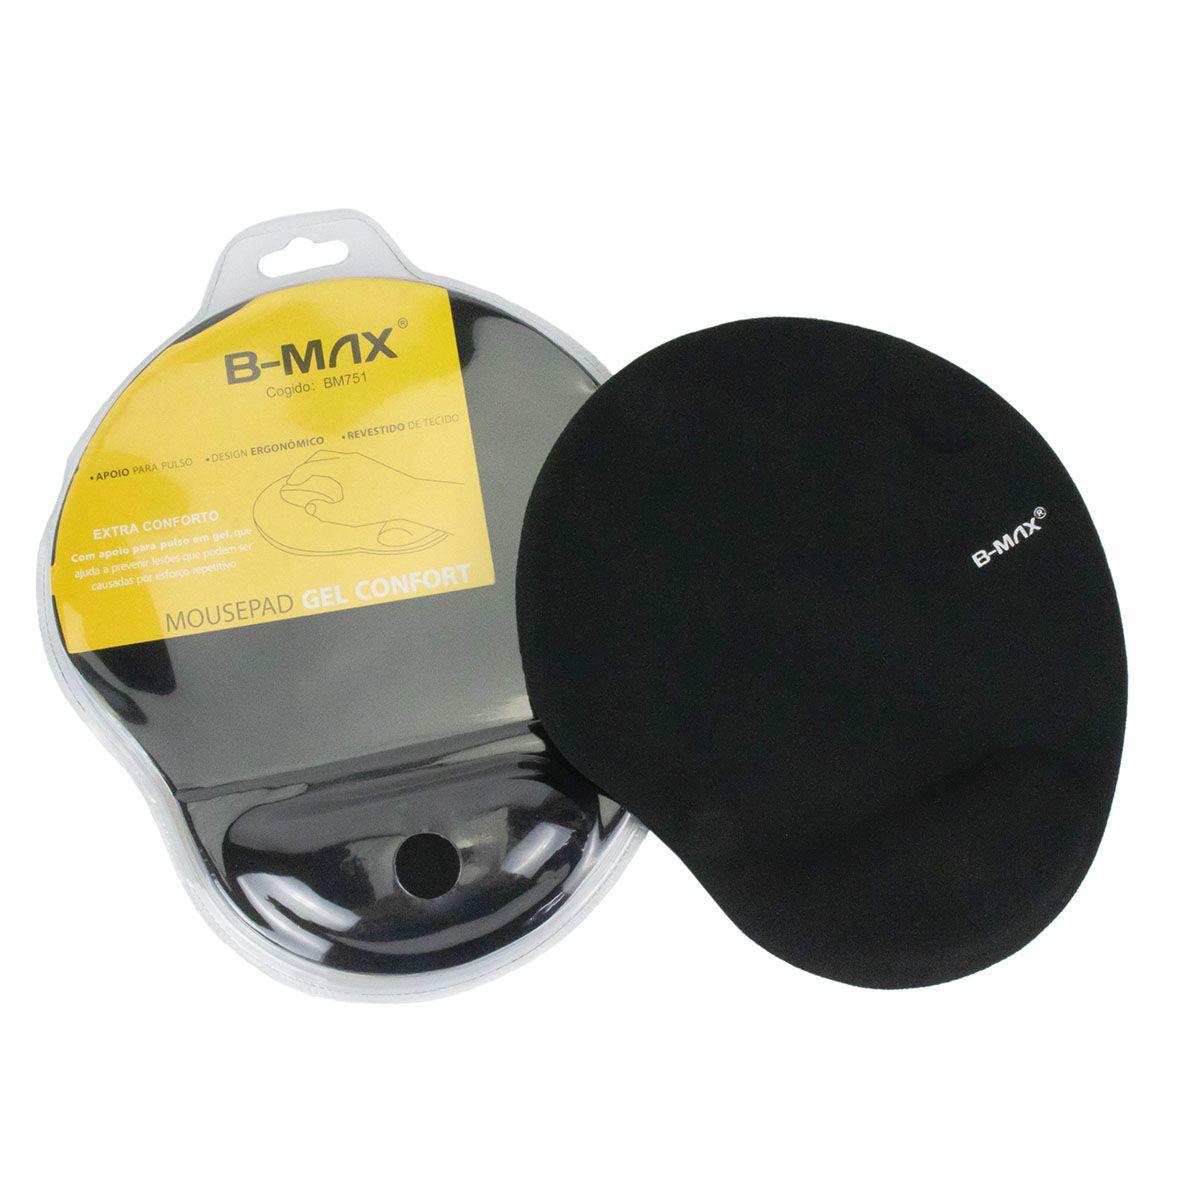 KIT 3x Mouse Pad com Apoio de Pulso em Gel Confort B-Max BM751